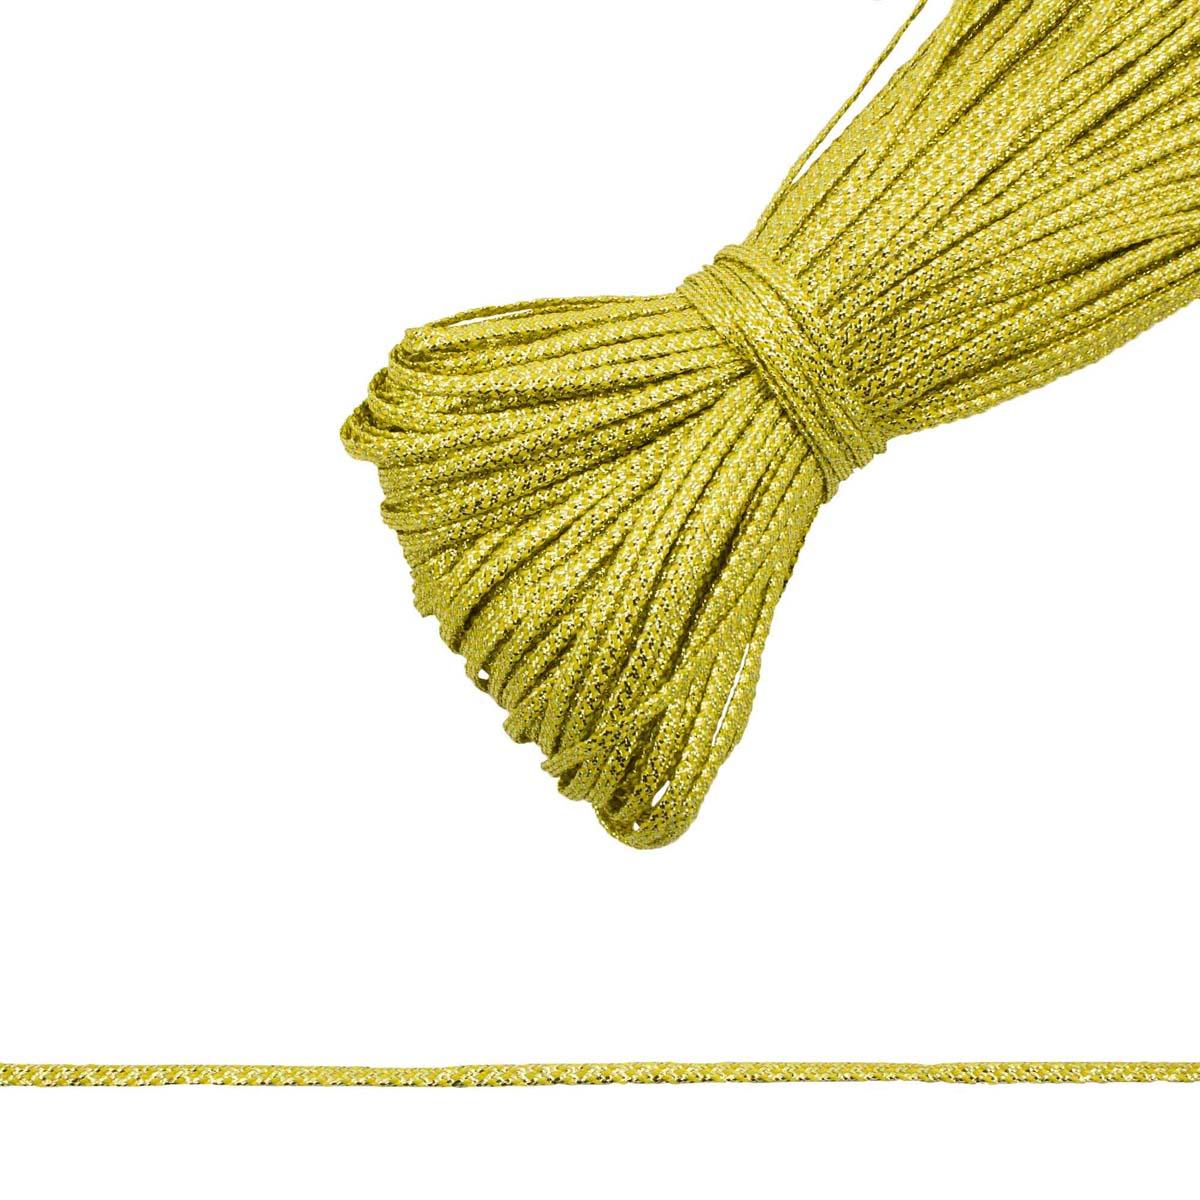 С3027 Шнур отделочный плет. с метанитом 2мм*50м